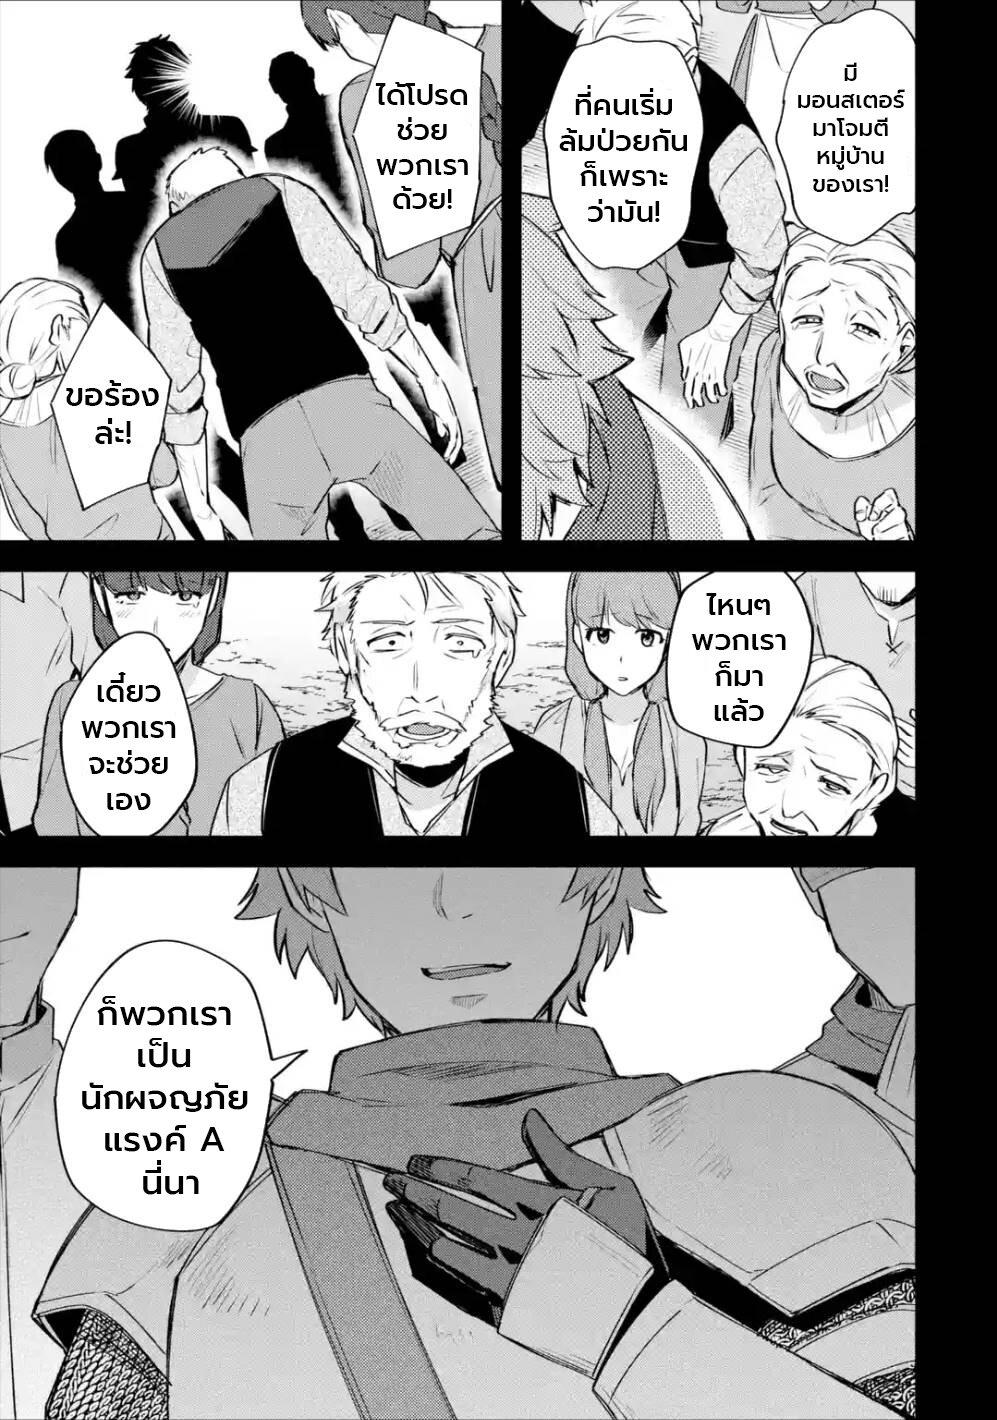 อ่านการ์ตูน Nido Tensei Shita Shounen wa S Rank Boukensha Toshite Heion ni Sugosu-zense ga kenja de eiyuu datta boku wa raisede wa jimini ikiru ตอนที่ 20 หน้าที่ 16